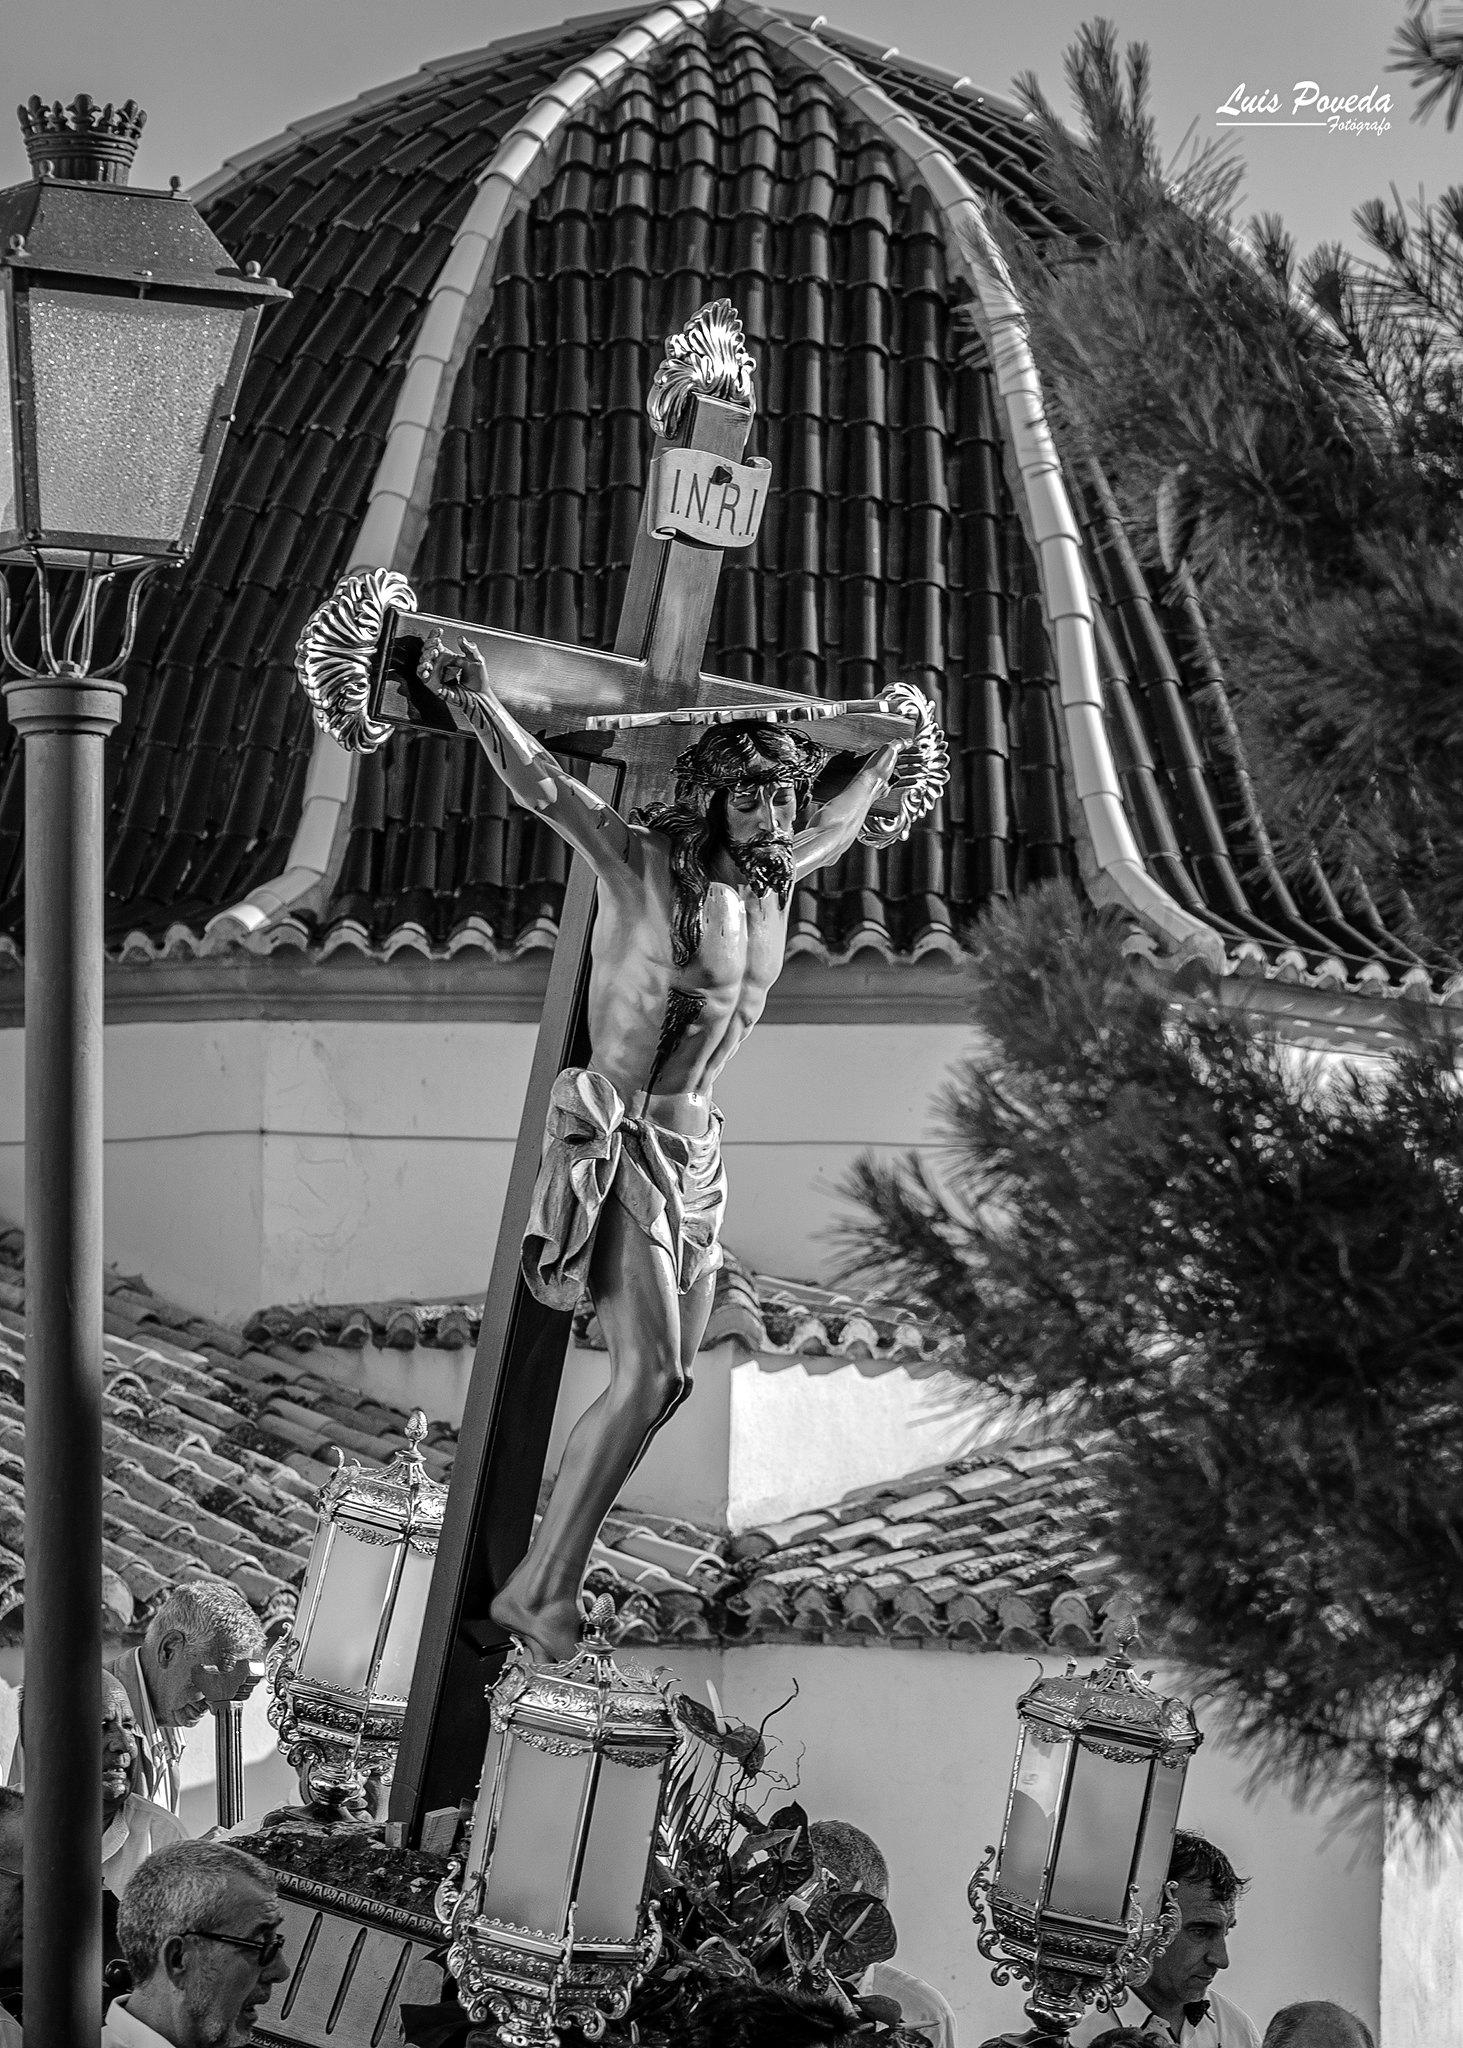 (2018-06-22) - Vía Crucis bajada - Luis Poveda Galiano (03)